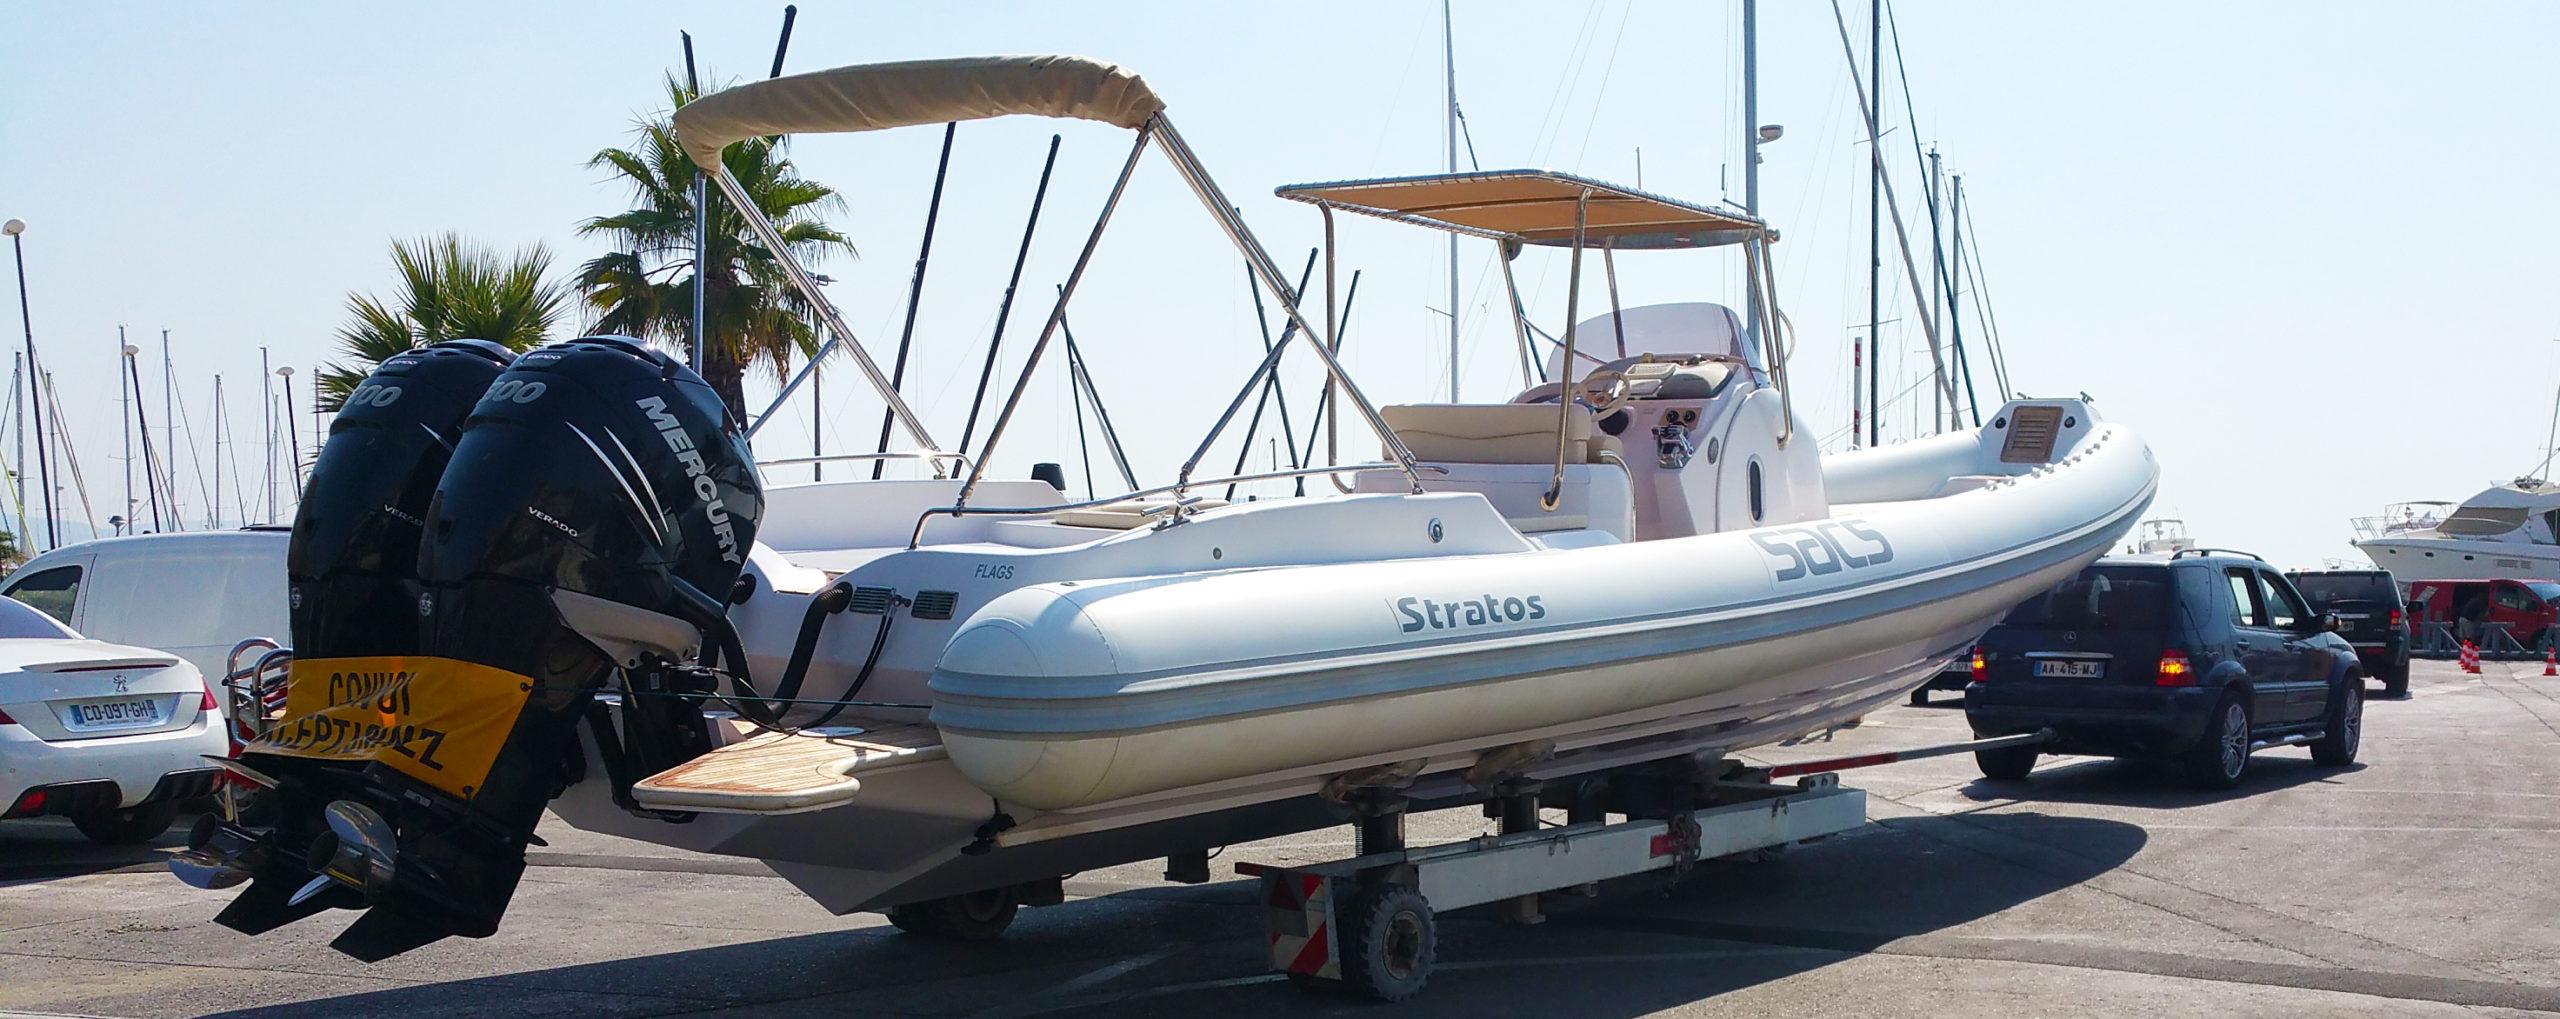 Transport de bateau région PACA